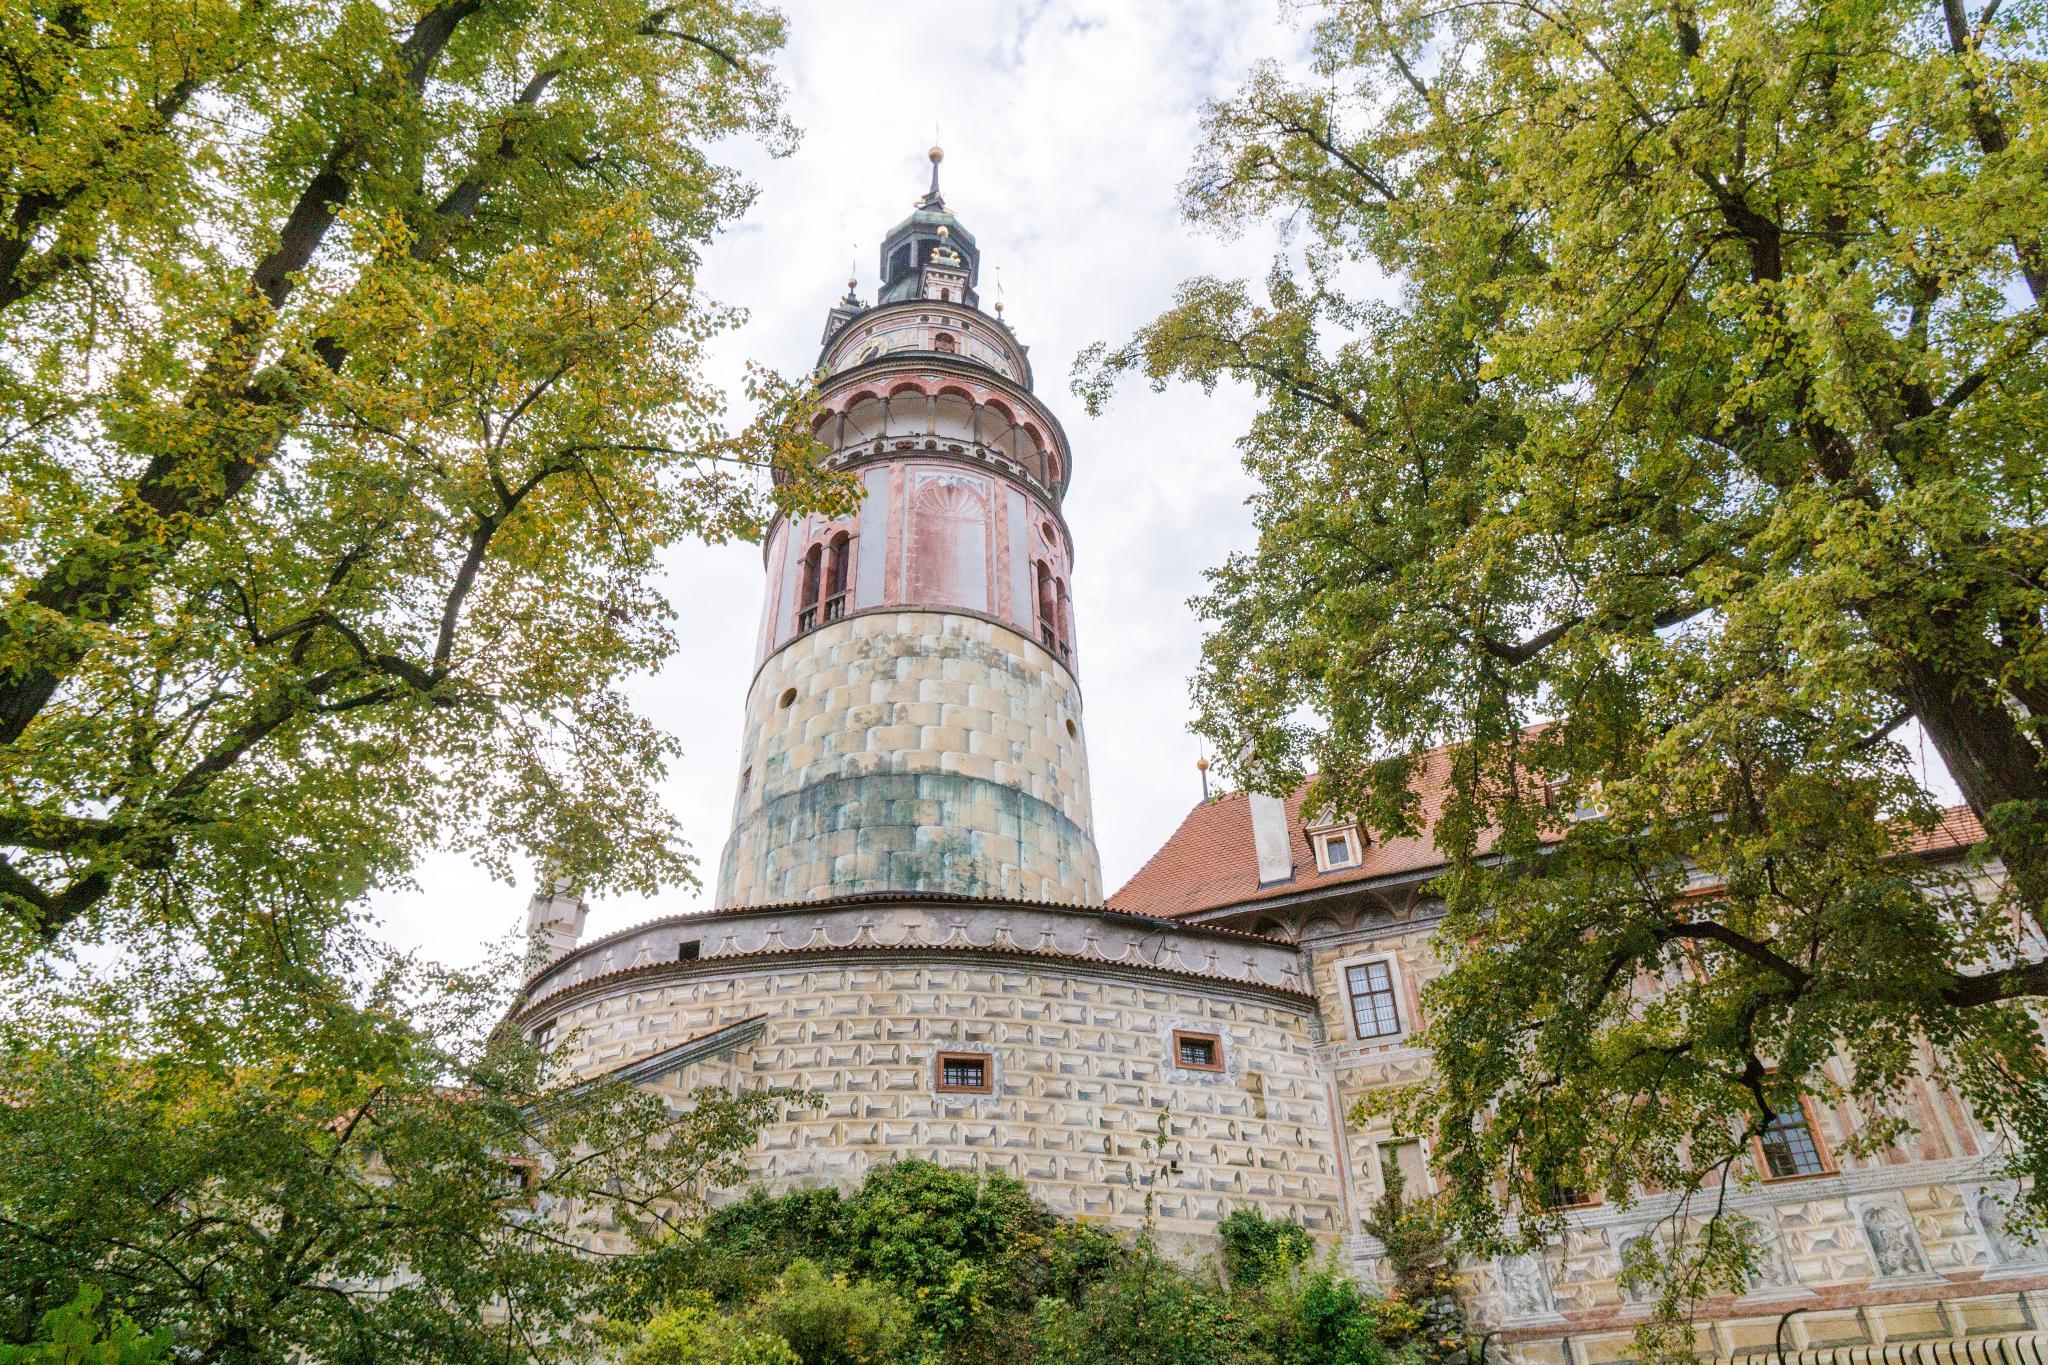 【捷克】穿越時空的波希米亞狂想曲 — Český Krumlov Castle 庫倫諾夫城堡 6